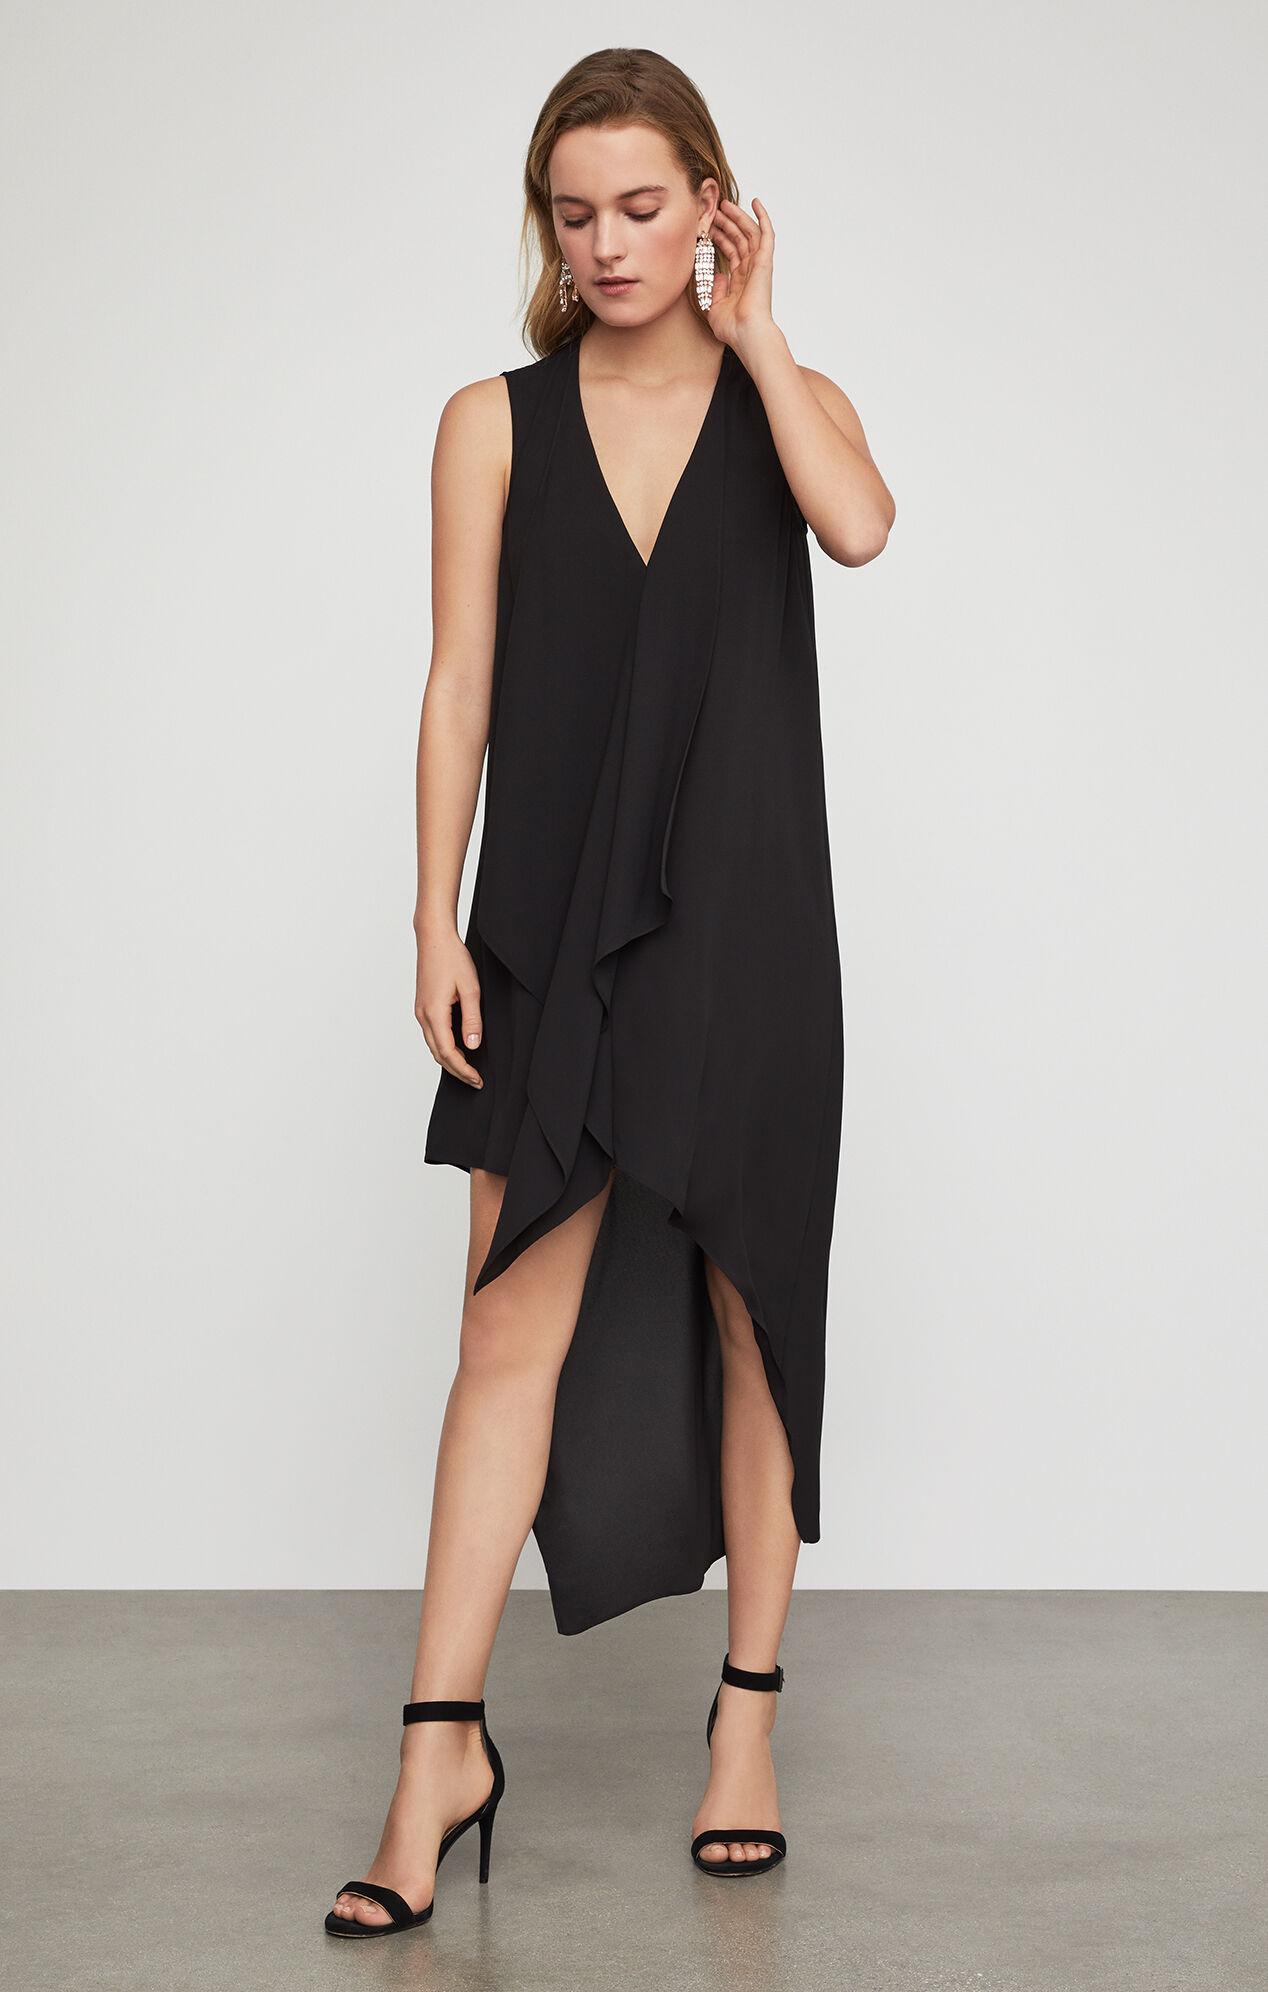 Tara Cascade-Ruffle Dress